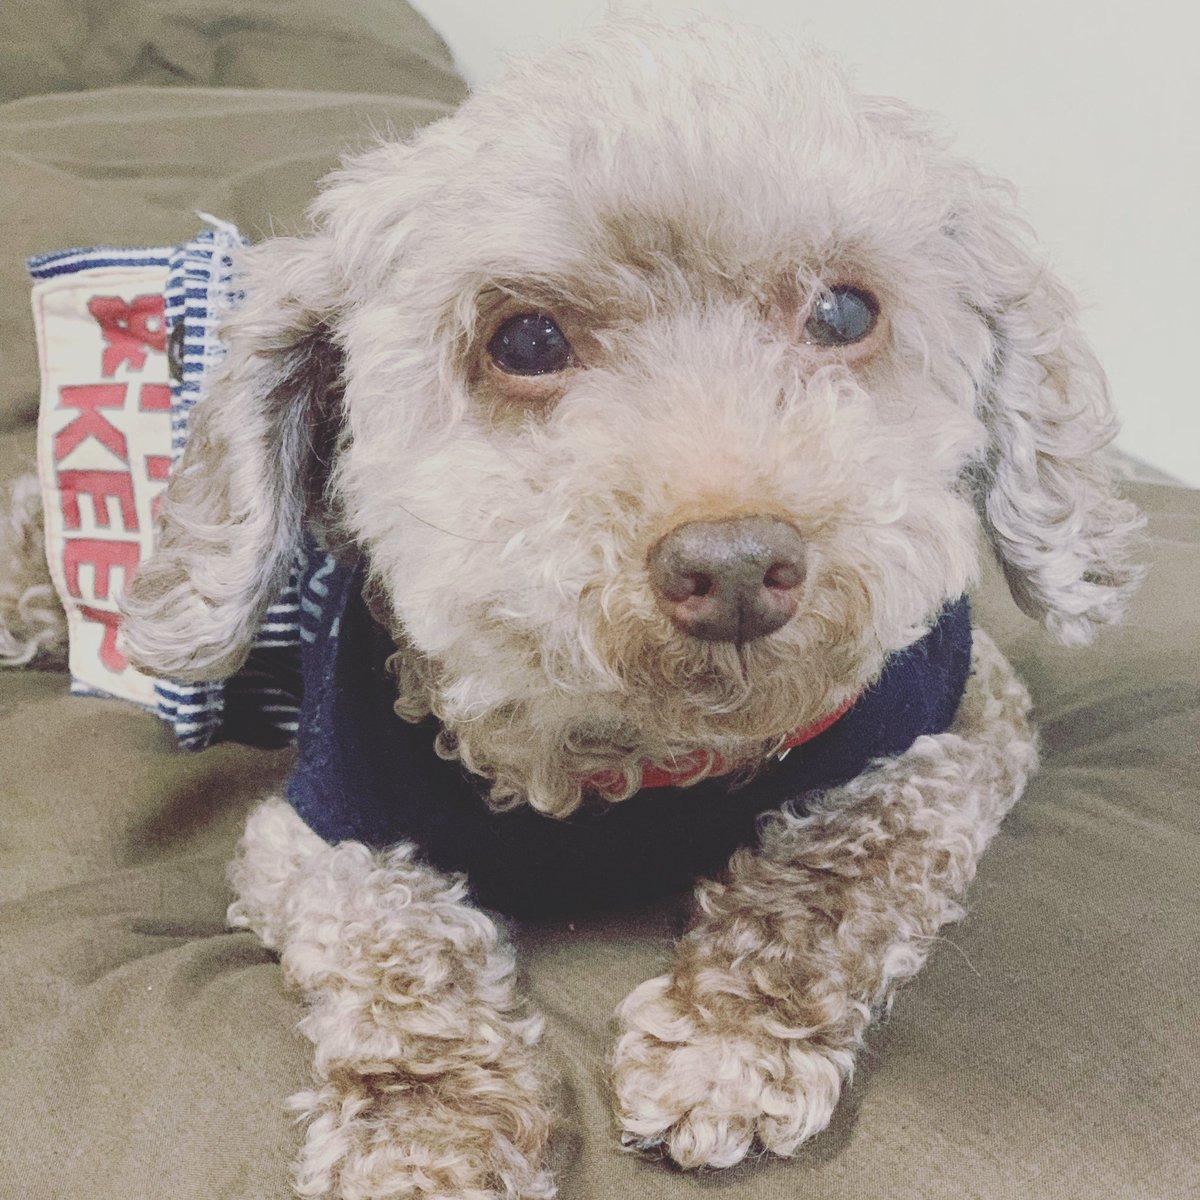 仙台から車で大阪に向かっている広田さんがまだ着かない。 大丈夫かしら?  眠いの。 浜ちゃん。  明日は2試合。 はよ寝ないと。  #wavepro  #OZアカデミー #プロレス  #プロレスラー  #犬なしでは生きていけない  #愛犬との暮らし  #犬のいる暮らし  #犬のいる生活  #犬とお出かけ  #犬がいる生活pic.twitter.com/znmq3Aee9c